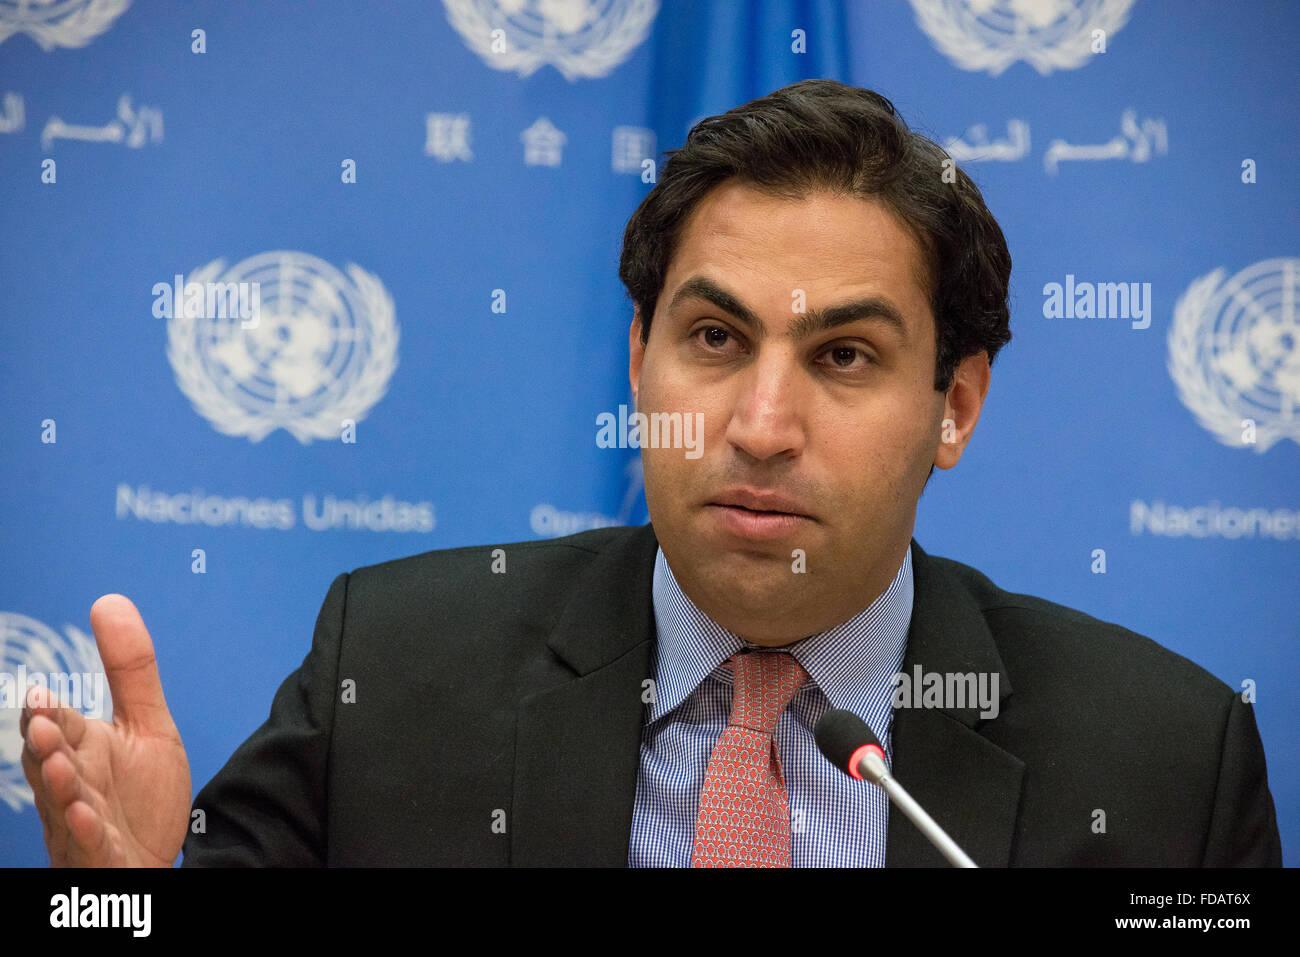 Ahmad Alhendawi ahmad alhendawi united nations secretary generals stock